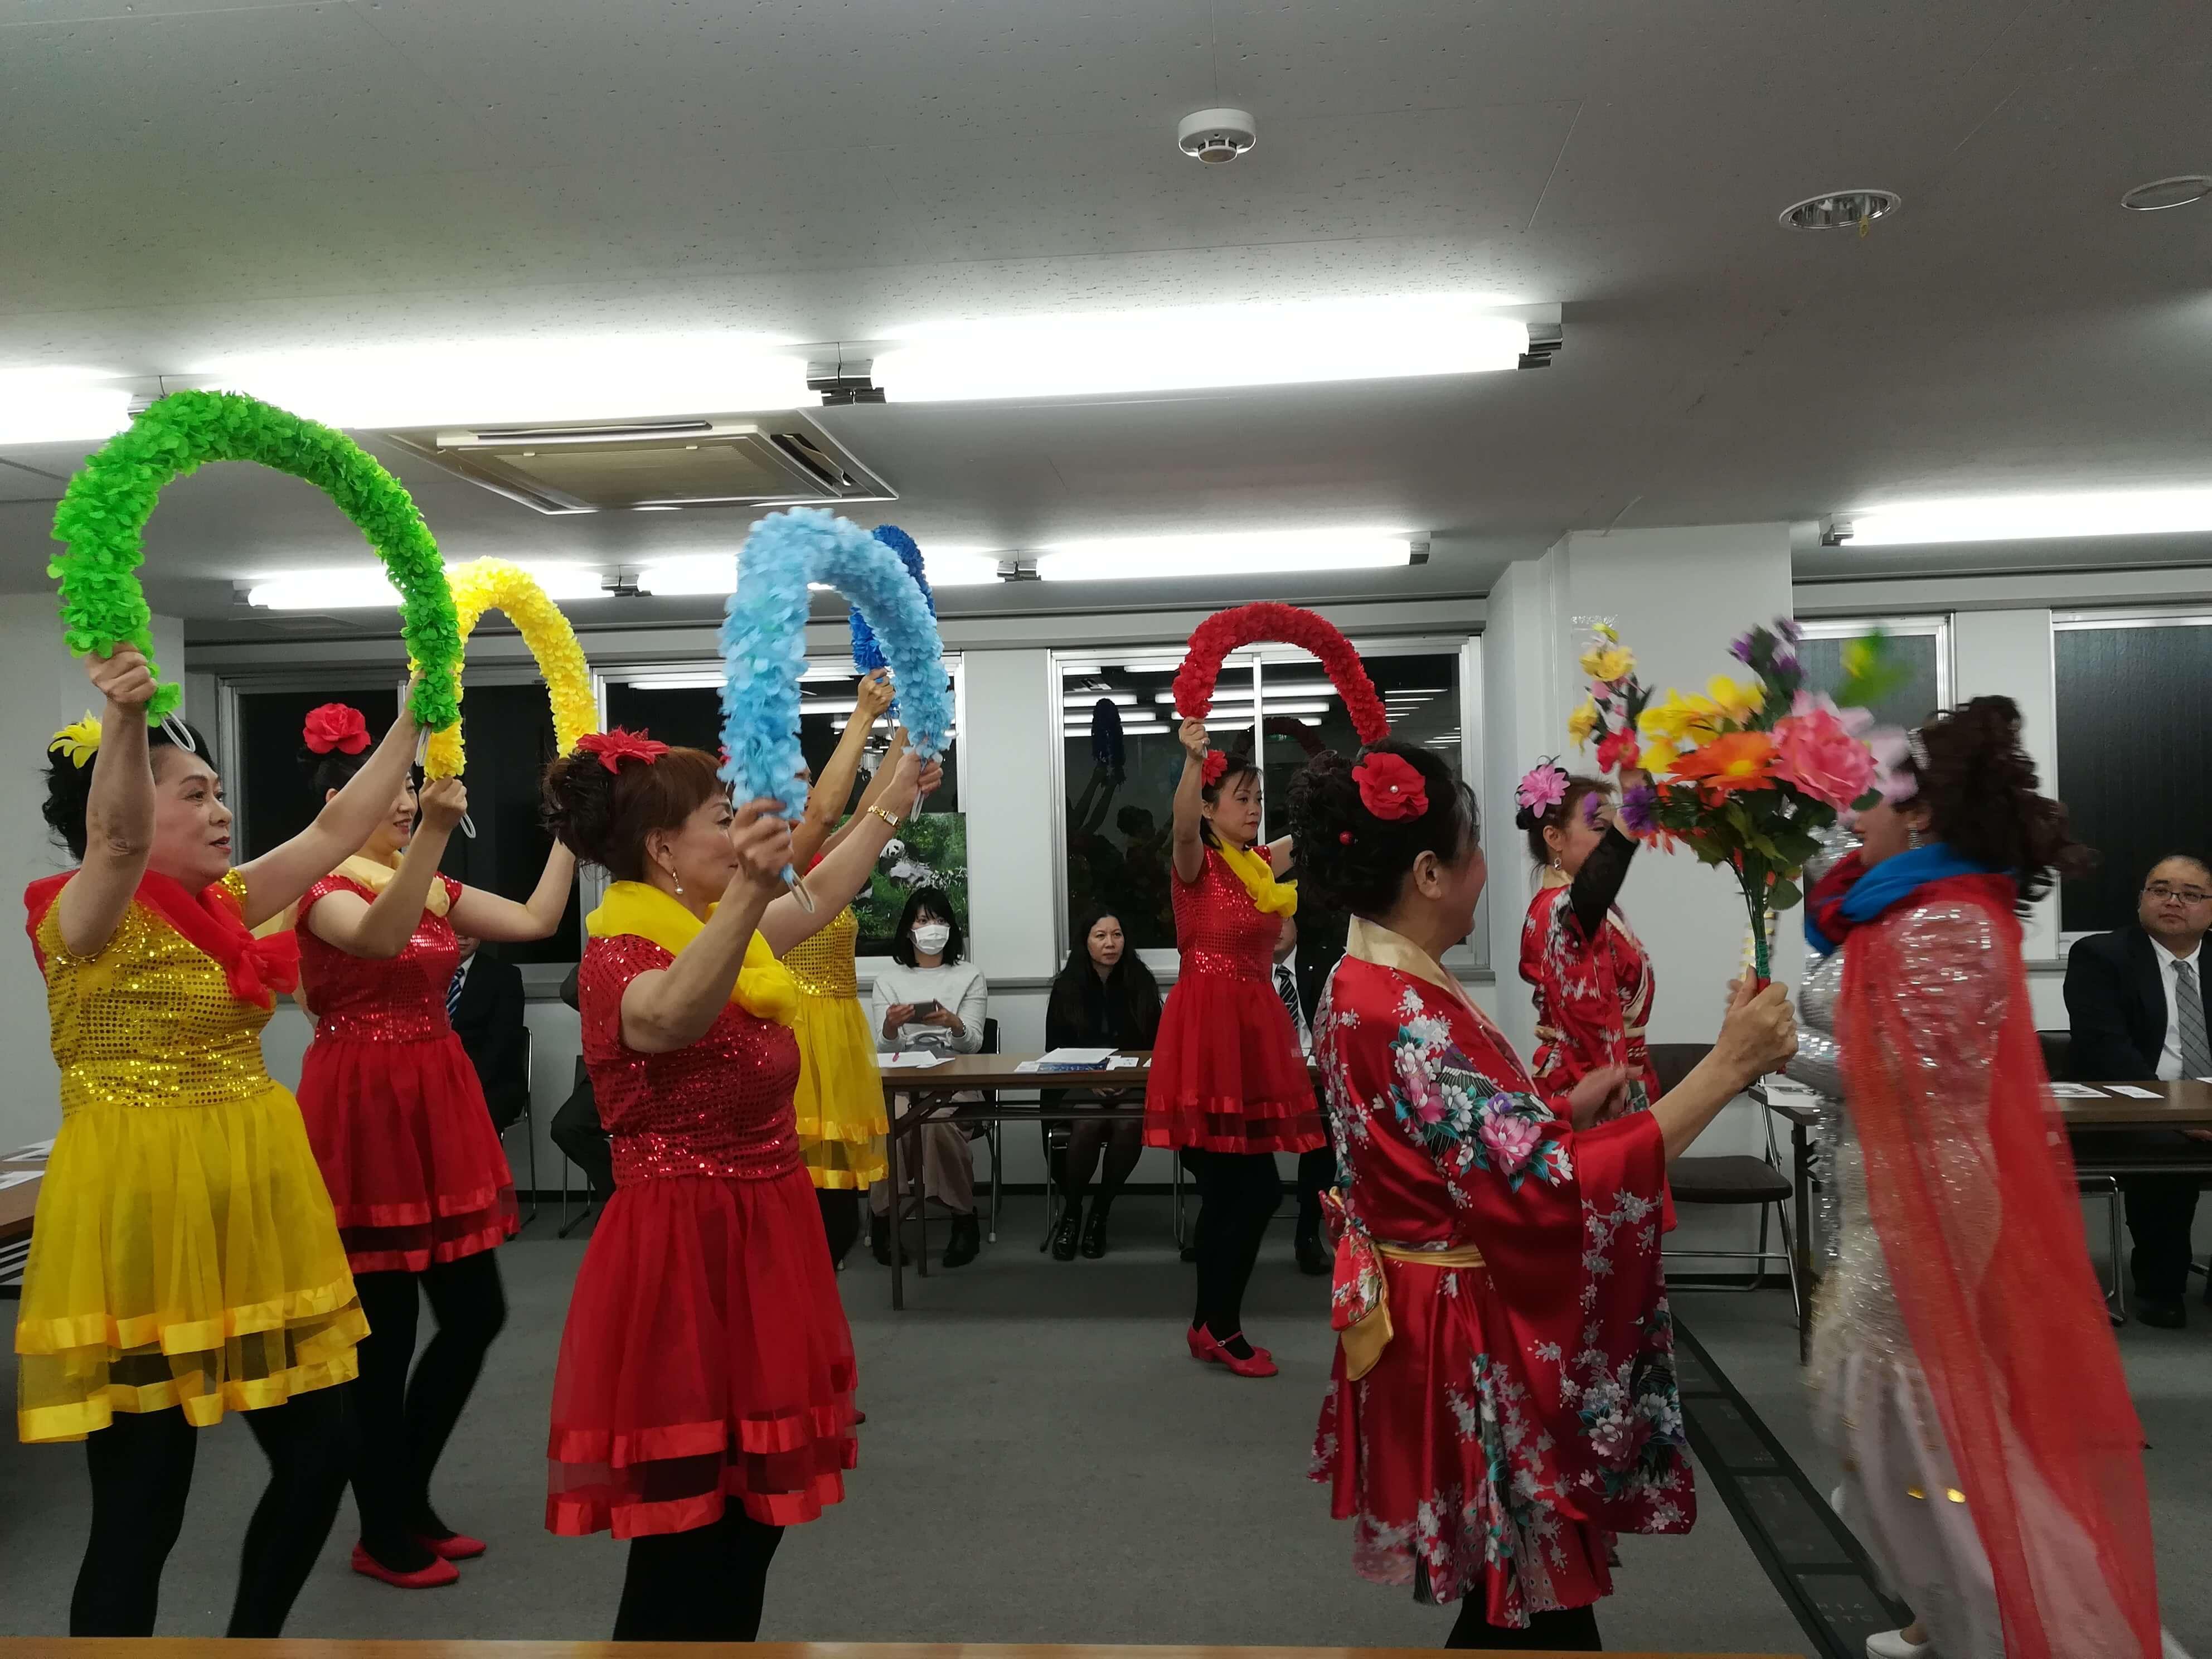 東京都日中友好協会「経済ビジネスクラブ会議」11/30開催多士済々参加発表多彩そして2019年1月以降取組みに向けて